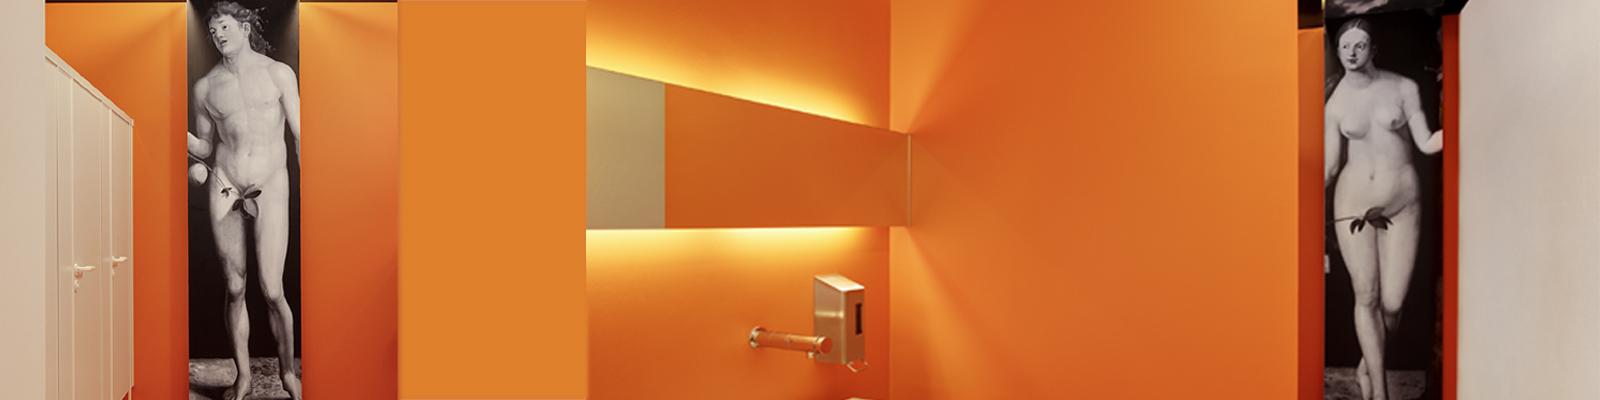 willkommen beim bdia bayern bdia bund deutscher innenarchitekten. Black Bedroom Furniture Sets. Home Design Ideas